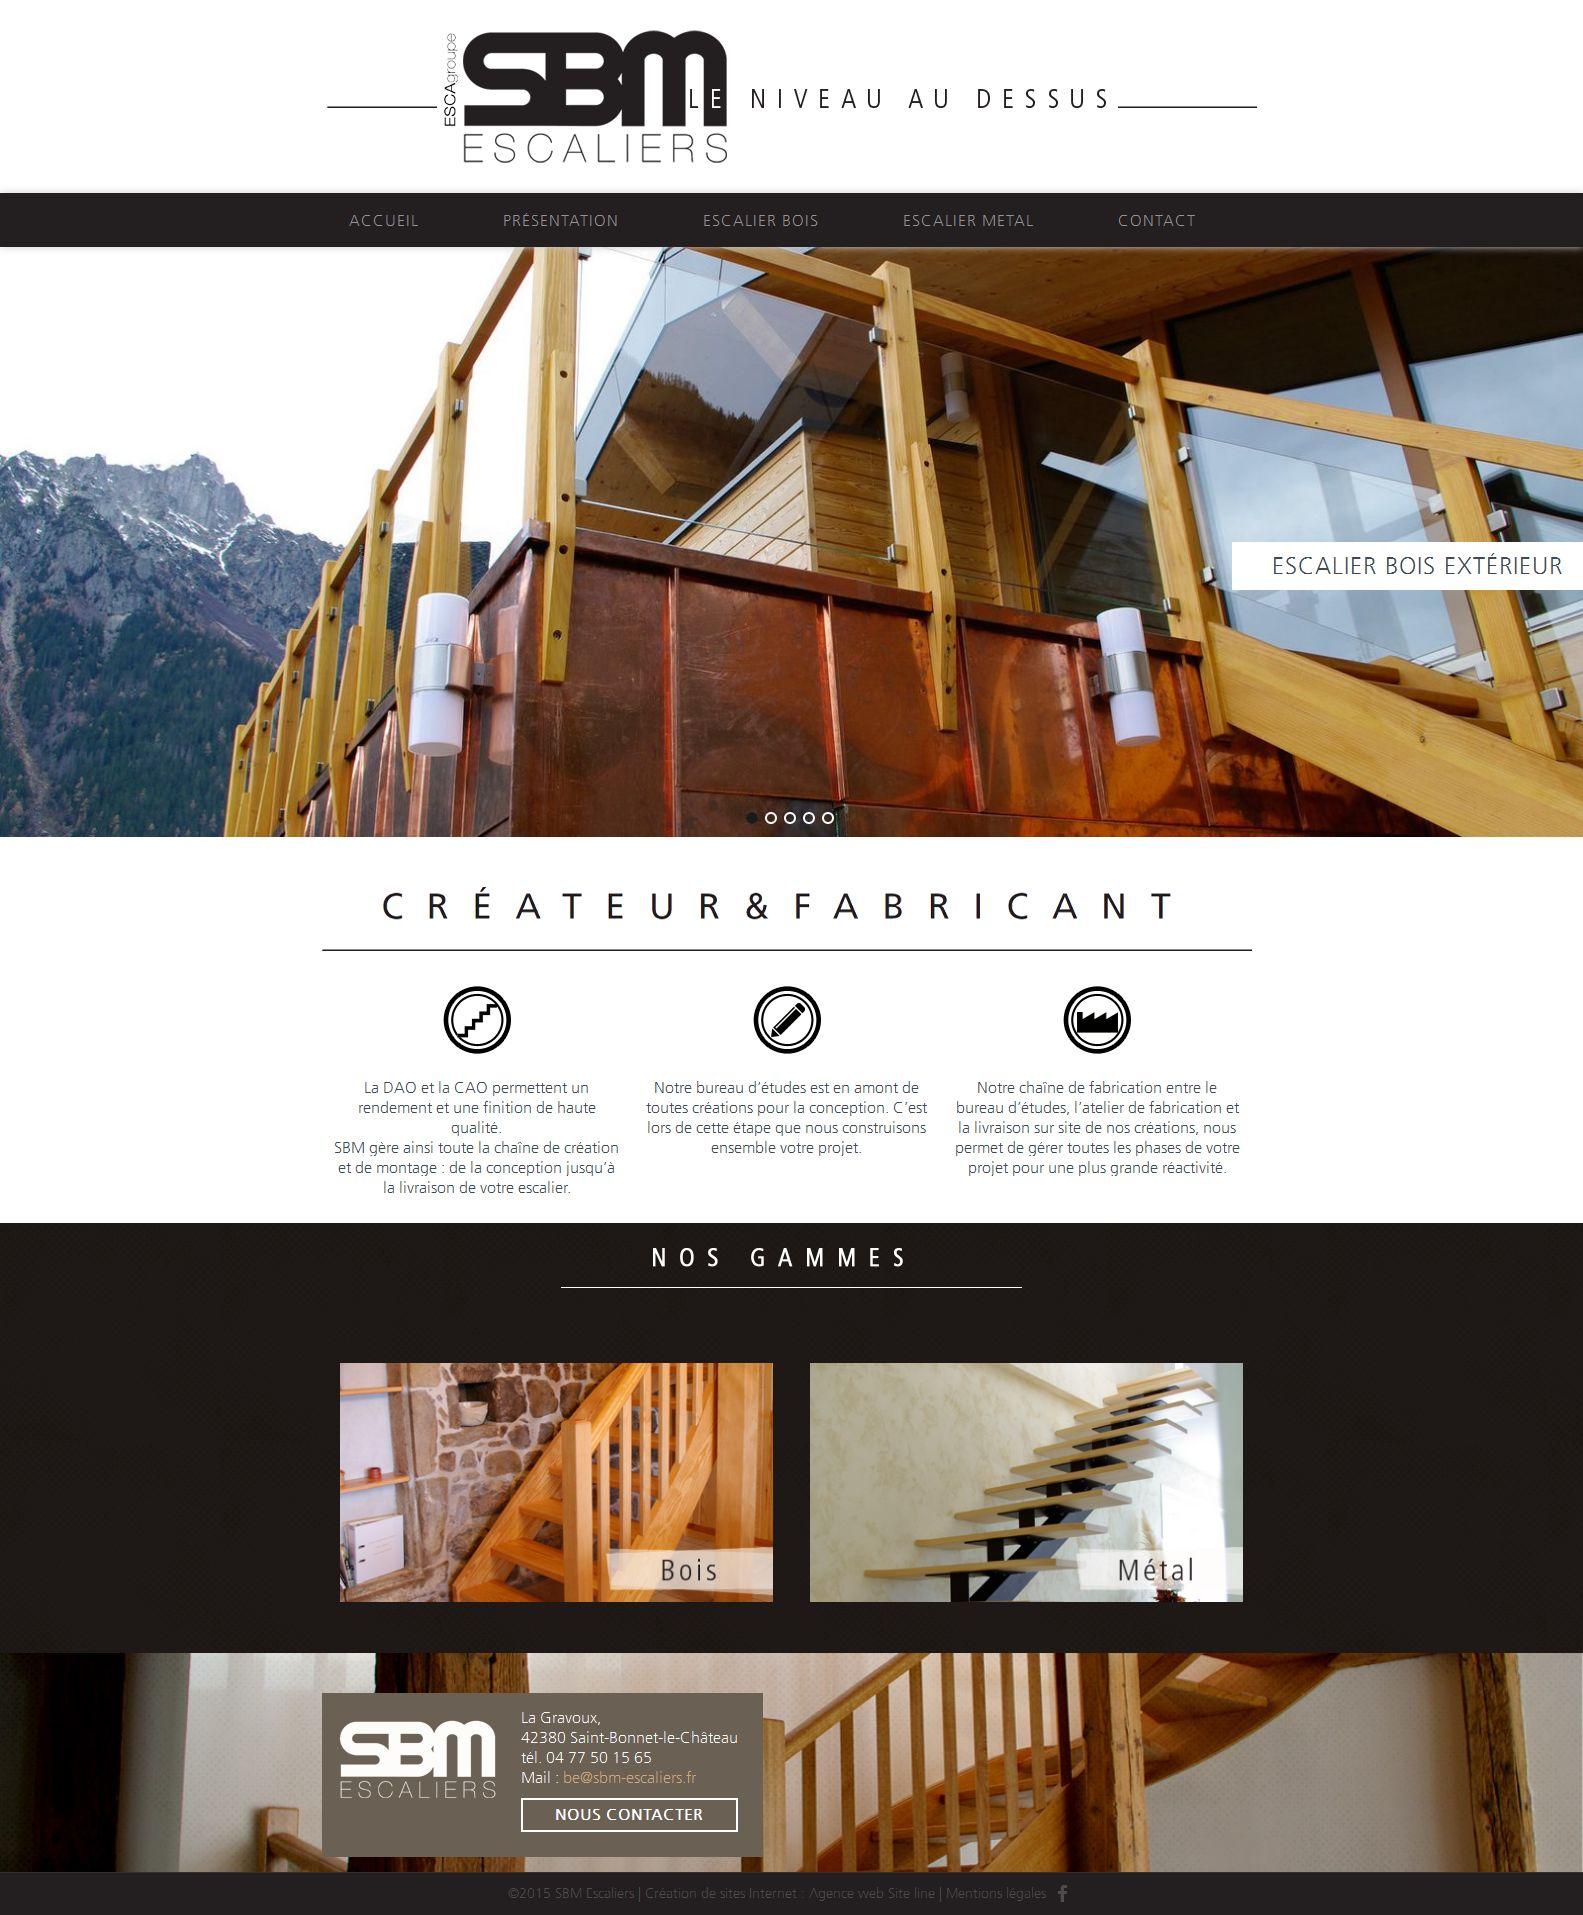 Fabricant D Escalier Bois sbm escaliers - création du site web d'un fabricant d